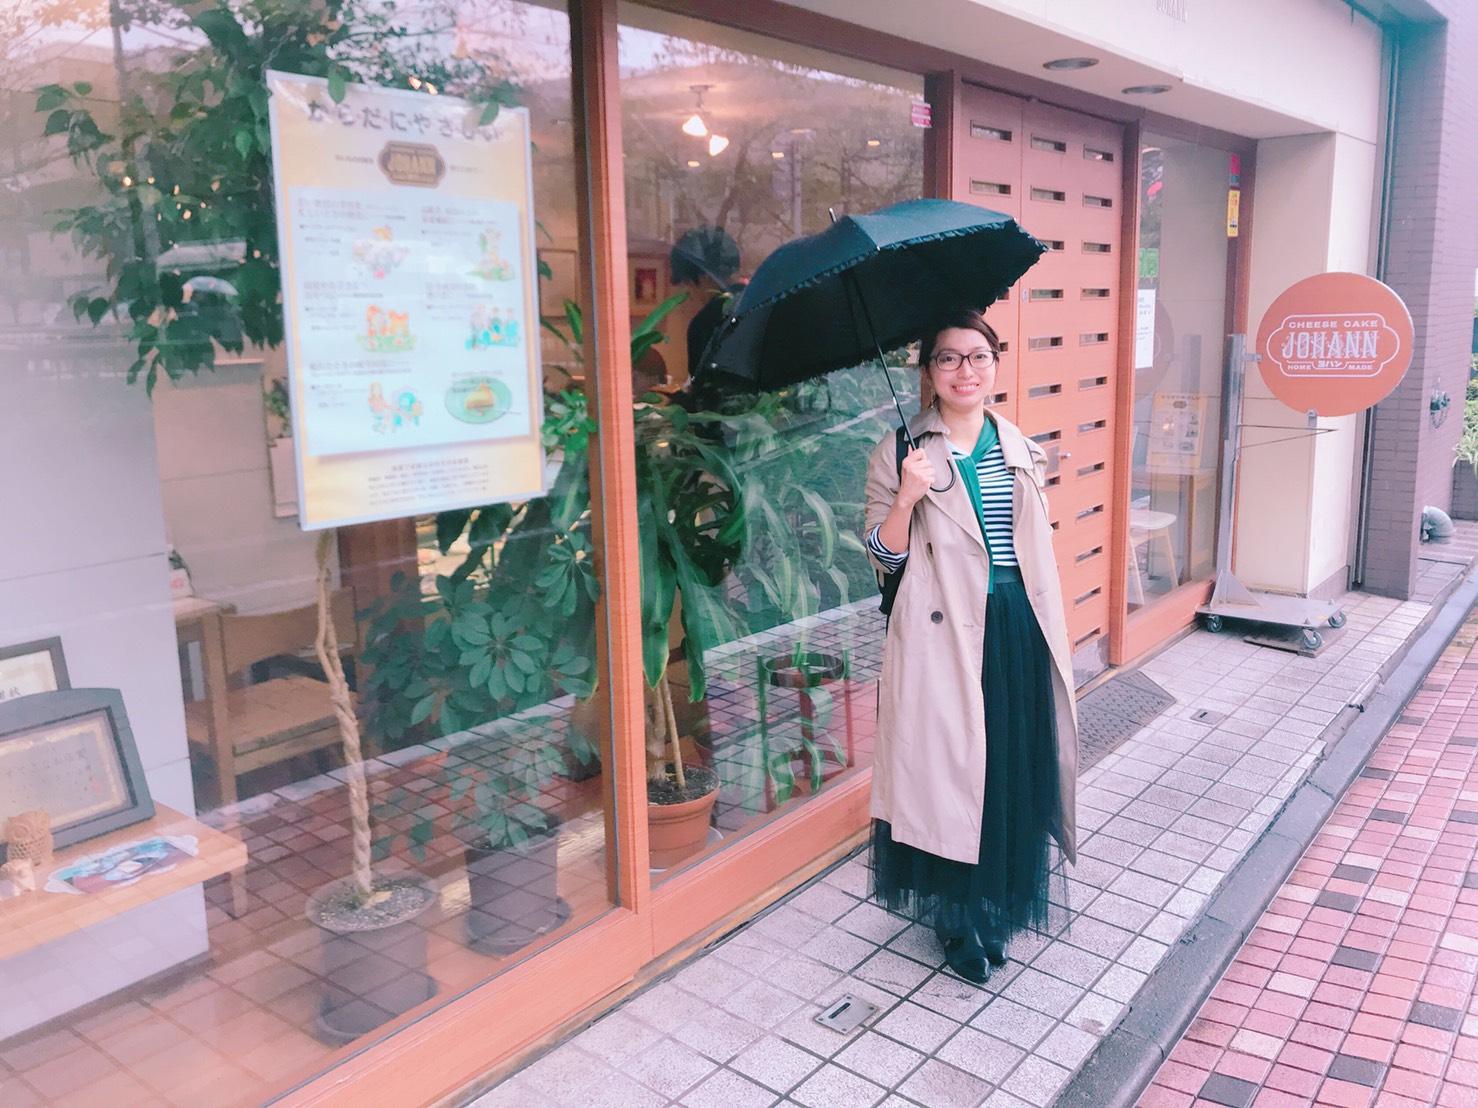 雨の日おすすめレディースコーデのポイント5つ!憂鬱な雨でも気分が上がるおしゃれ術を伝授!